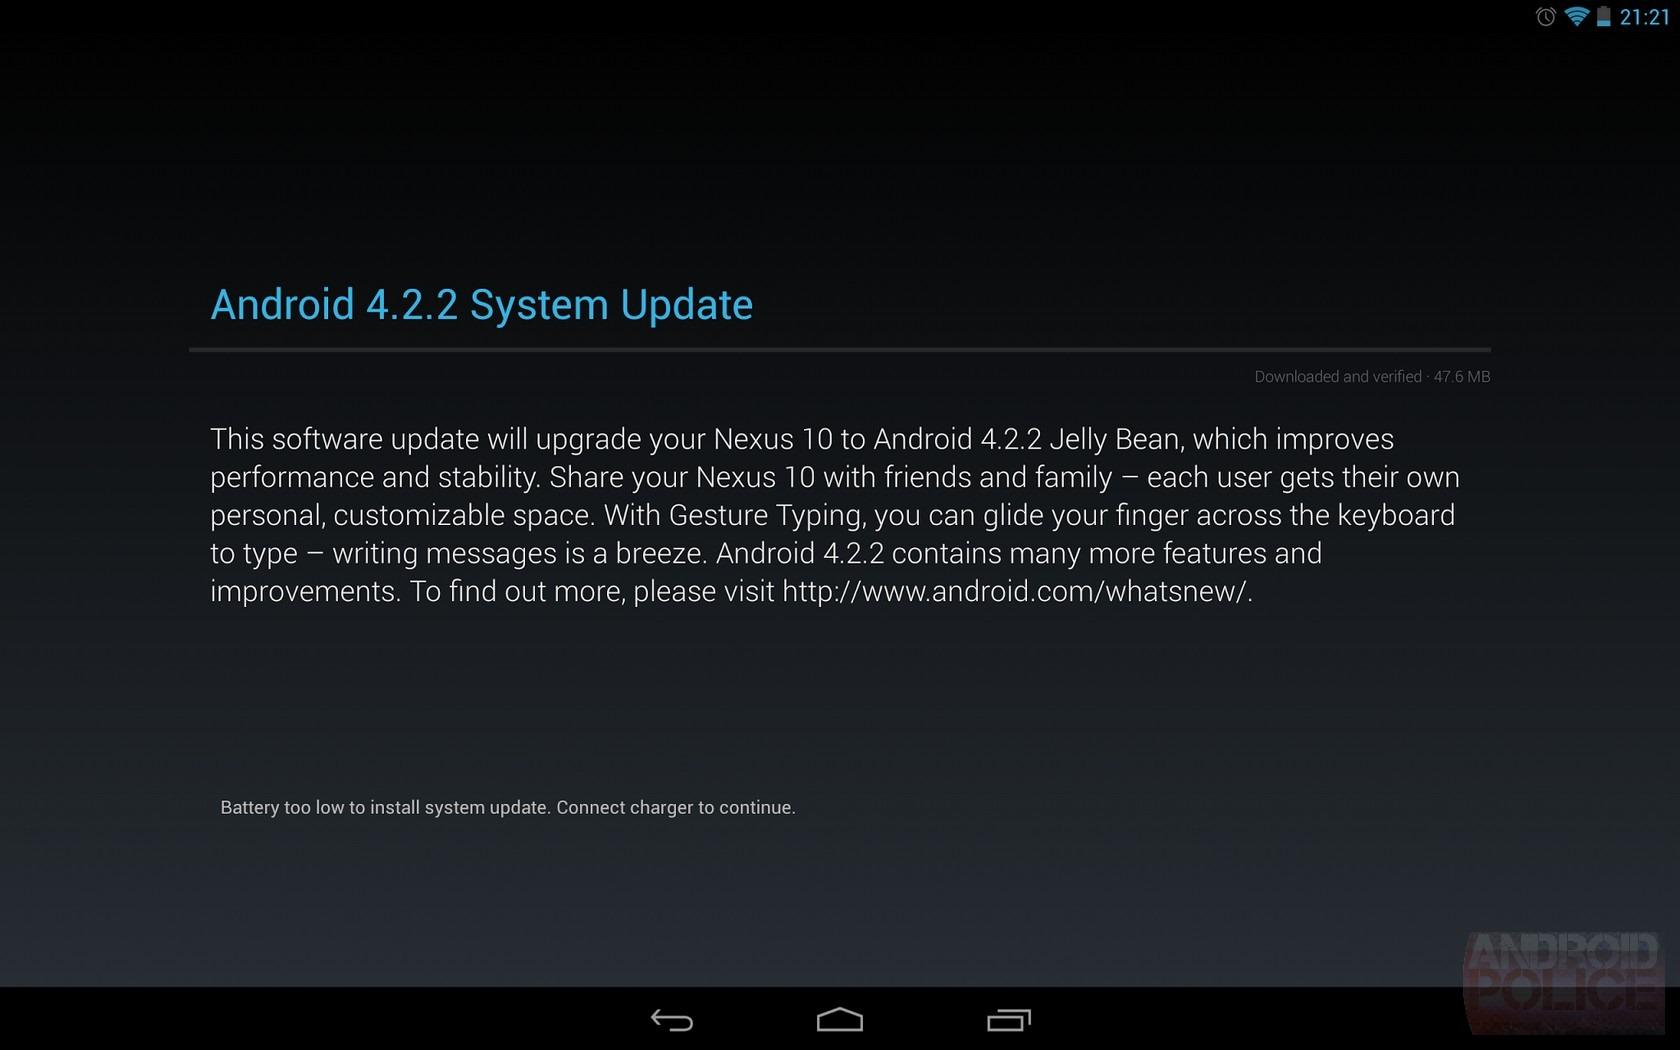 Доказательство реального существования прошивки: скриншот с планшета Nexus 7